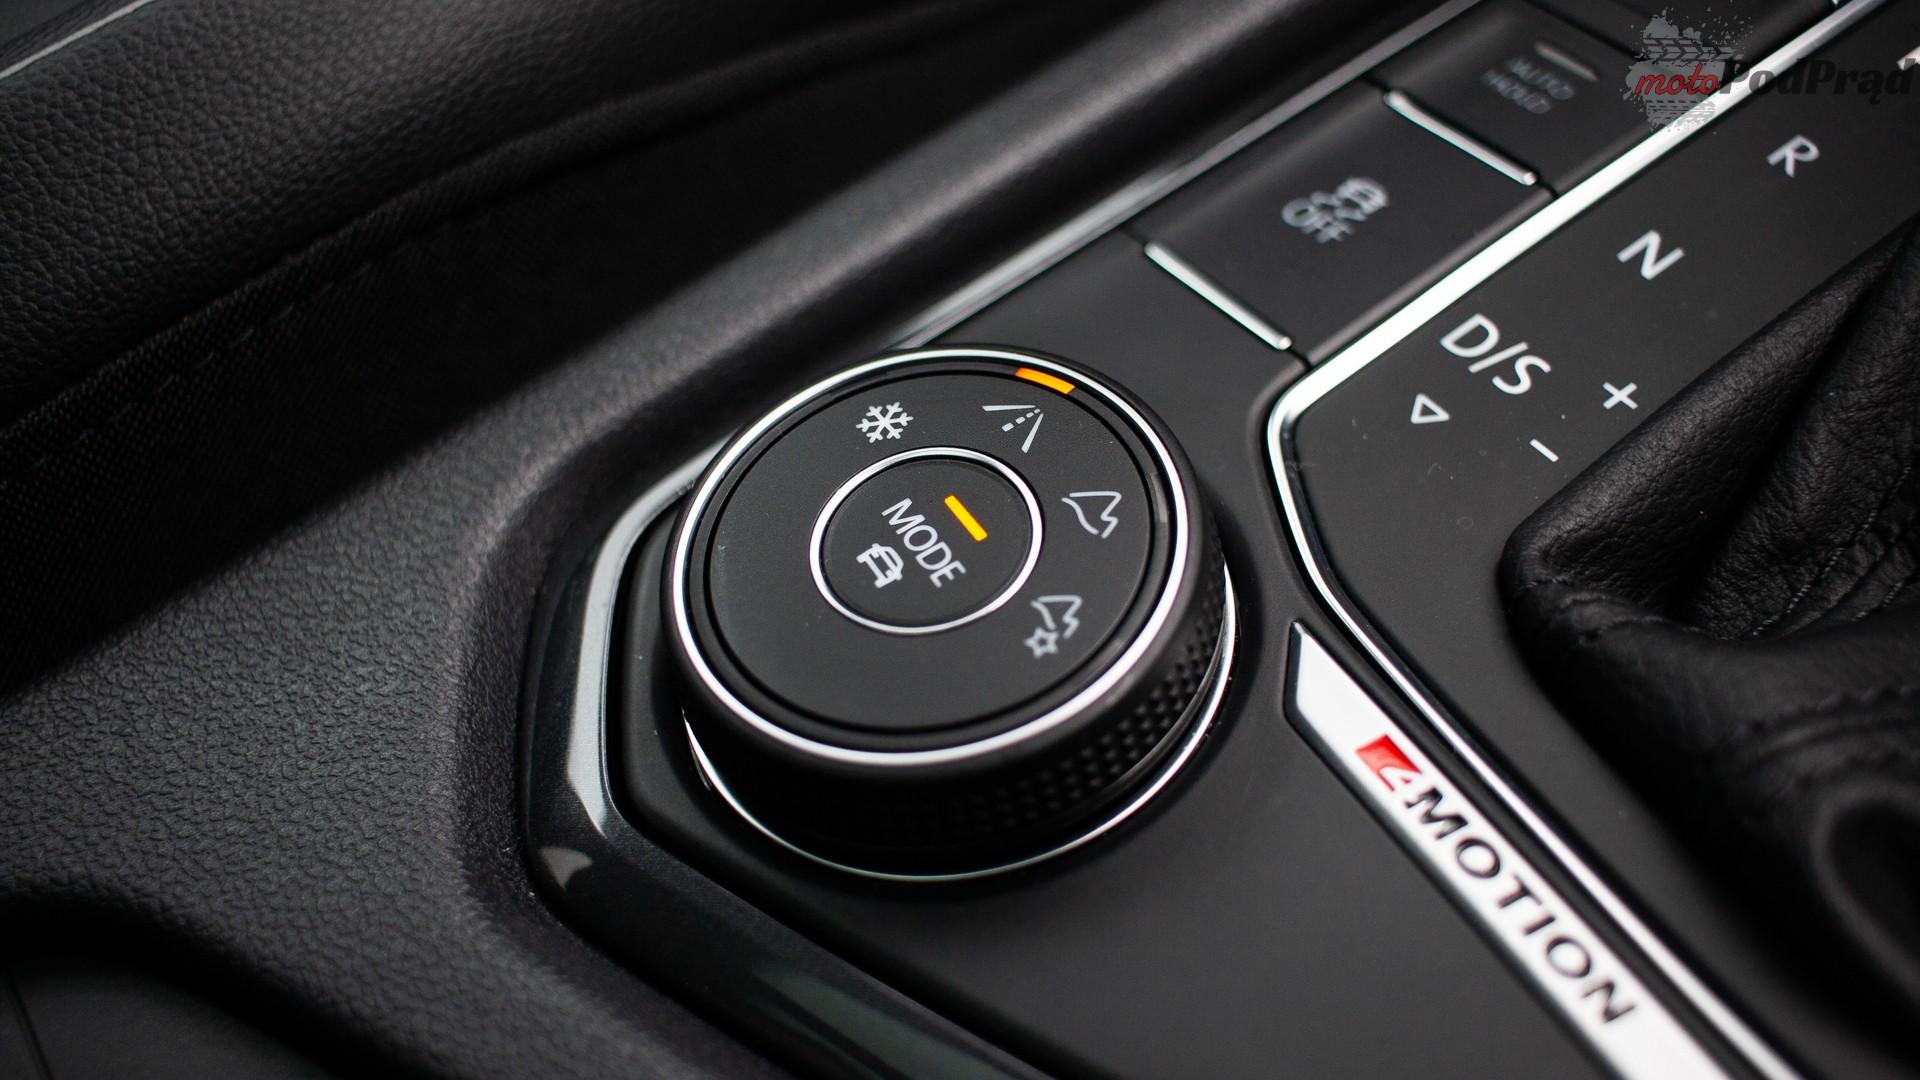 Volkswagen Tiguan Allspace 15 Test: Volkswagen Tiguan Allspace 2.0 TDI 150   w dużym ciele